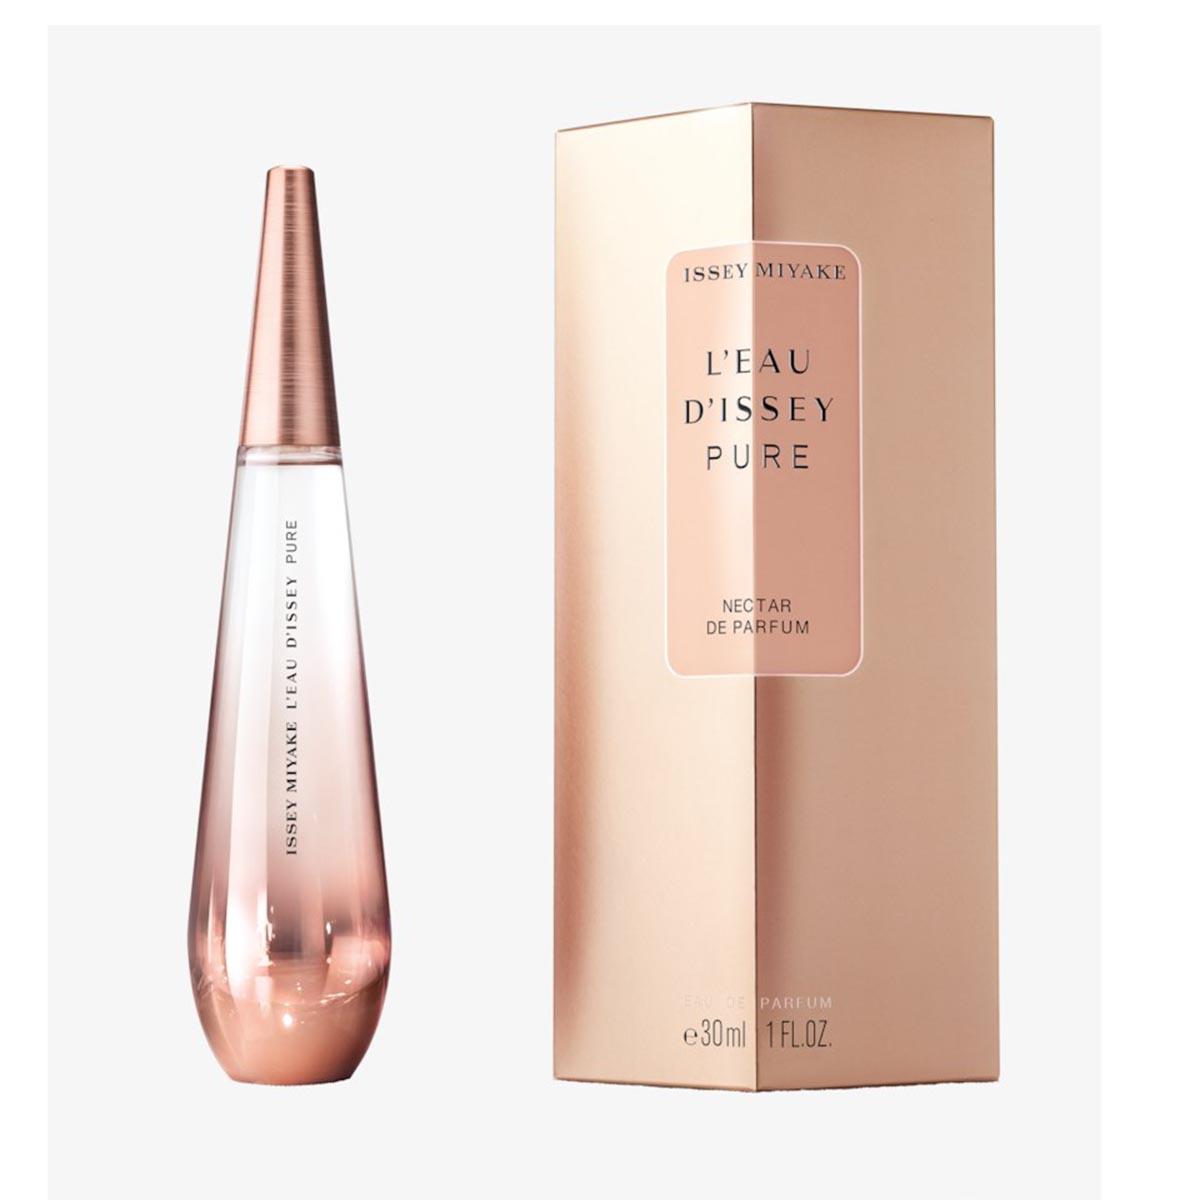 Issey miyake l eau d issey pure nectar de parfum 30ml vaporizador